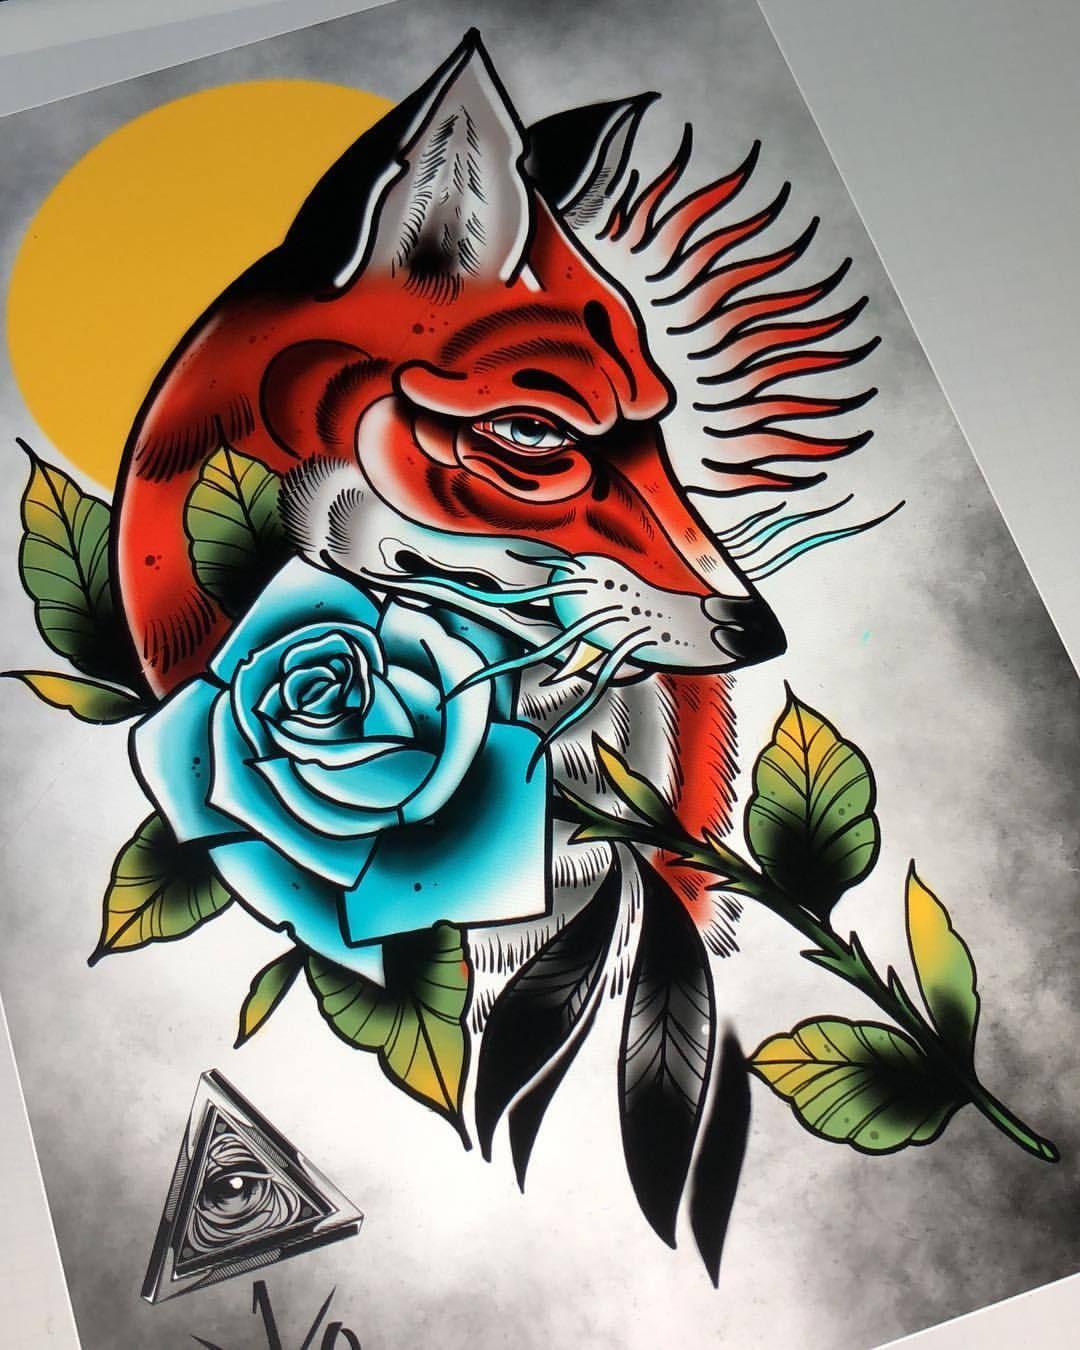 Como Hacer Un Diseño Para Tatuaje sonar 1091 design | tatuajes de rosa tradicionales, diseño